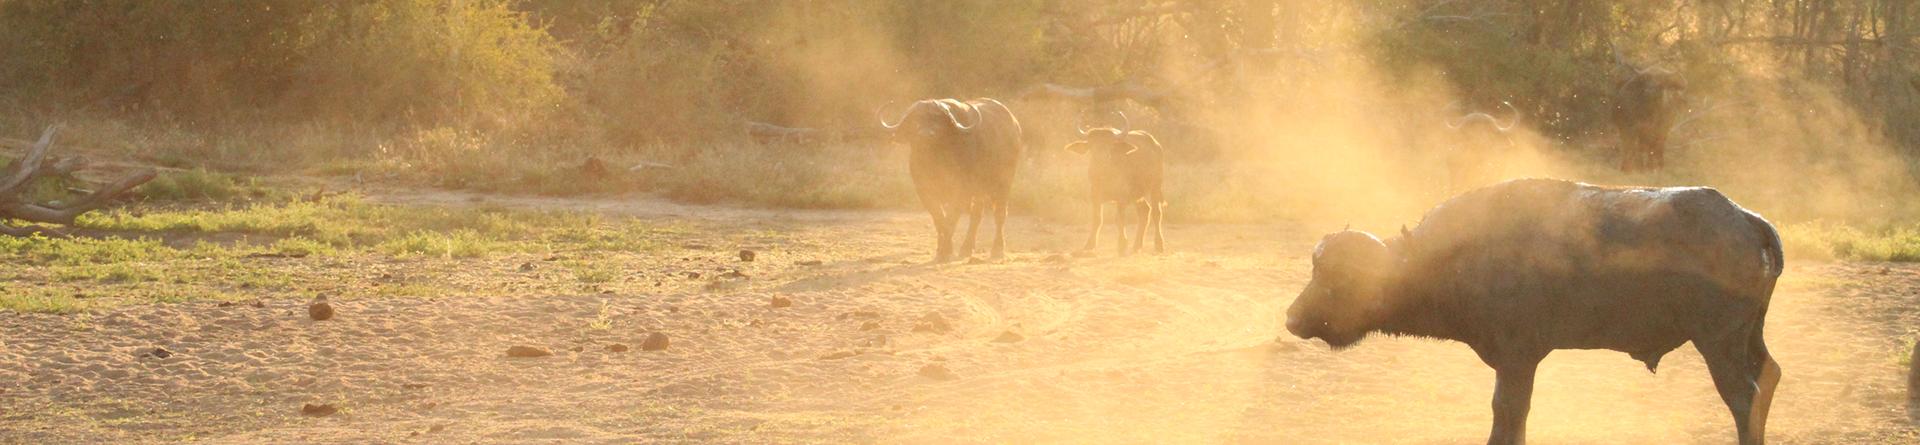 open vehicle Kruger National Park Safaris